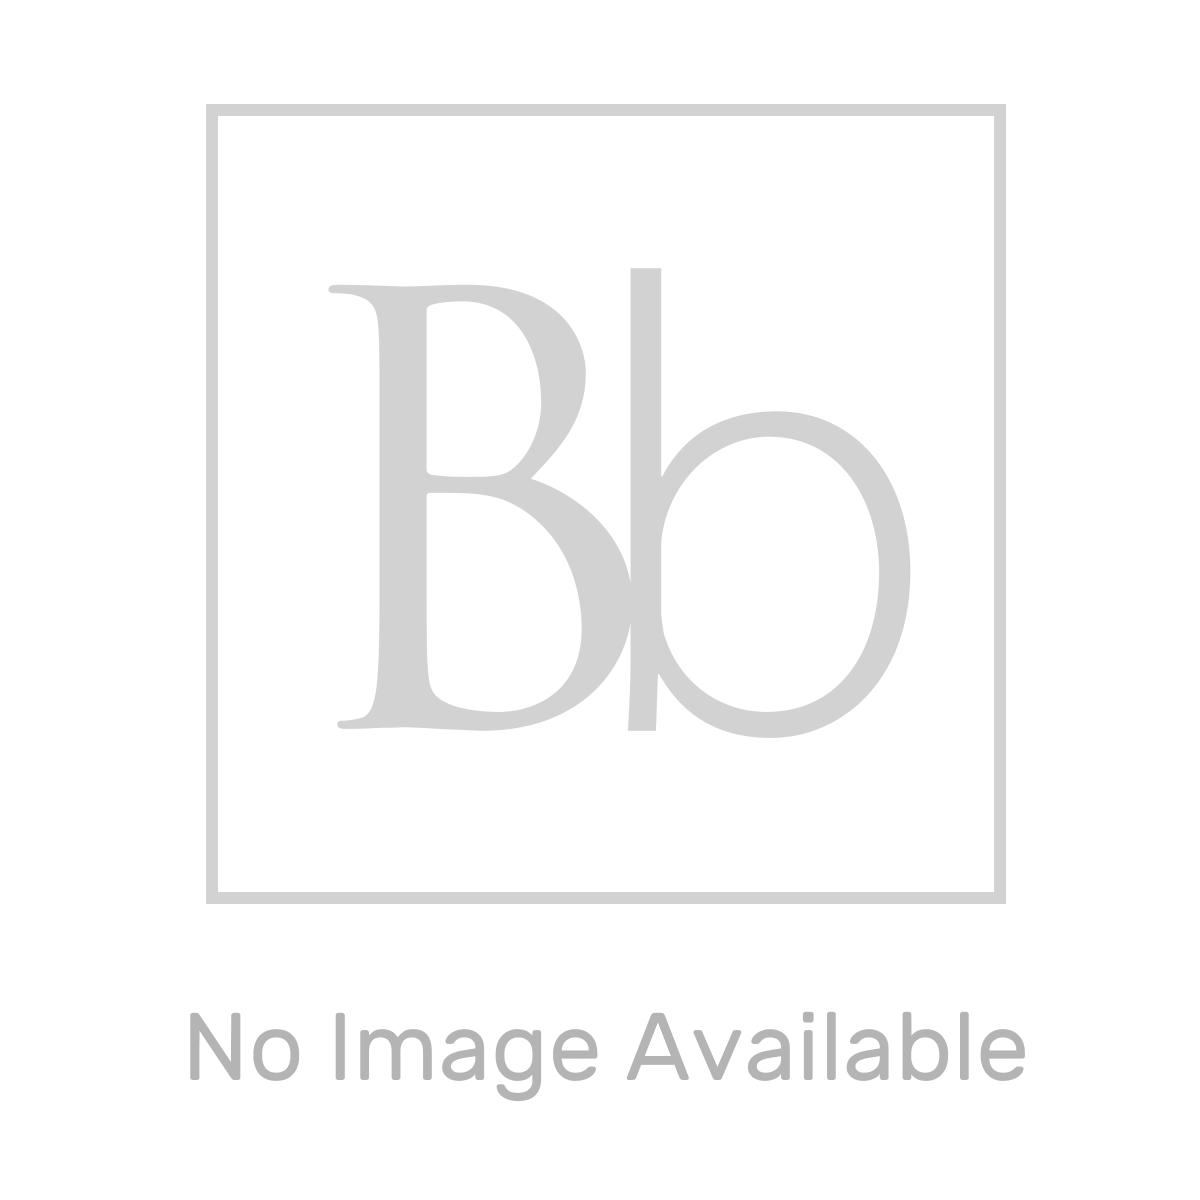 Nuie Eden High Gloss White Floor Standing Cabinet & Basin 1 500mm